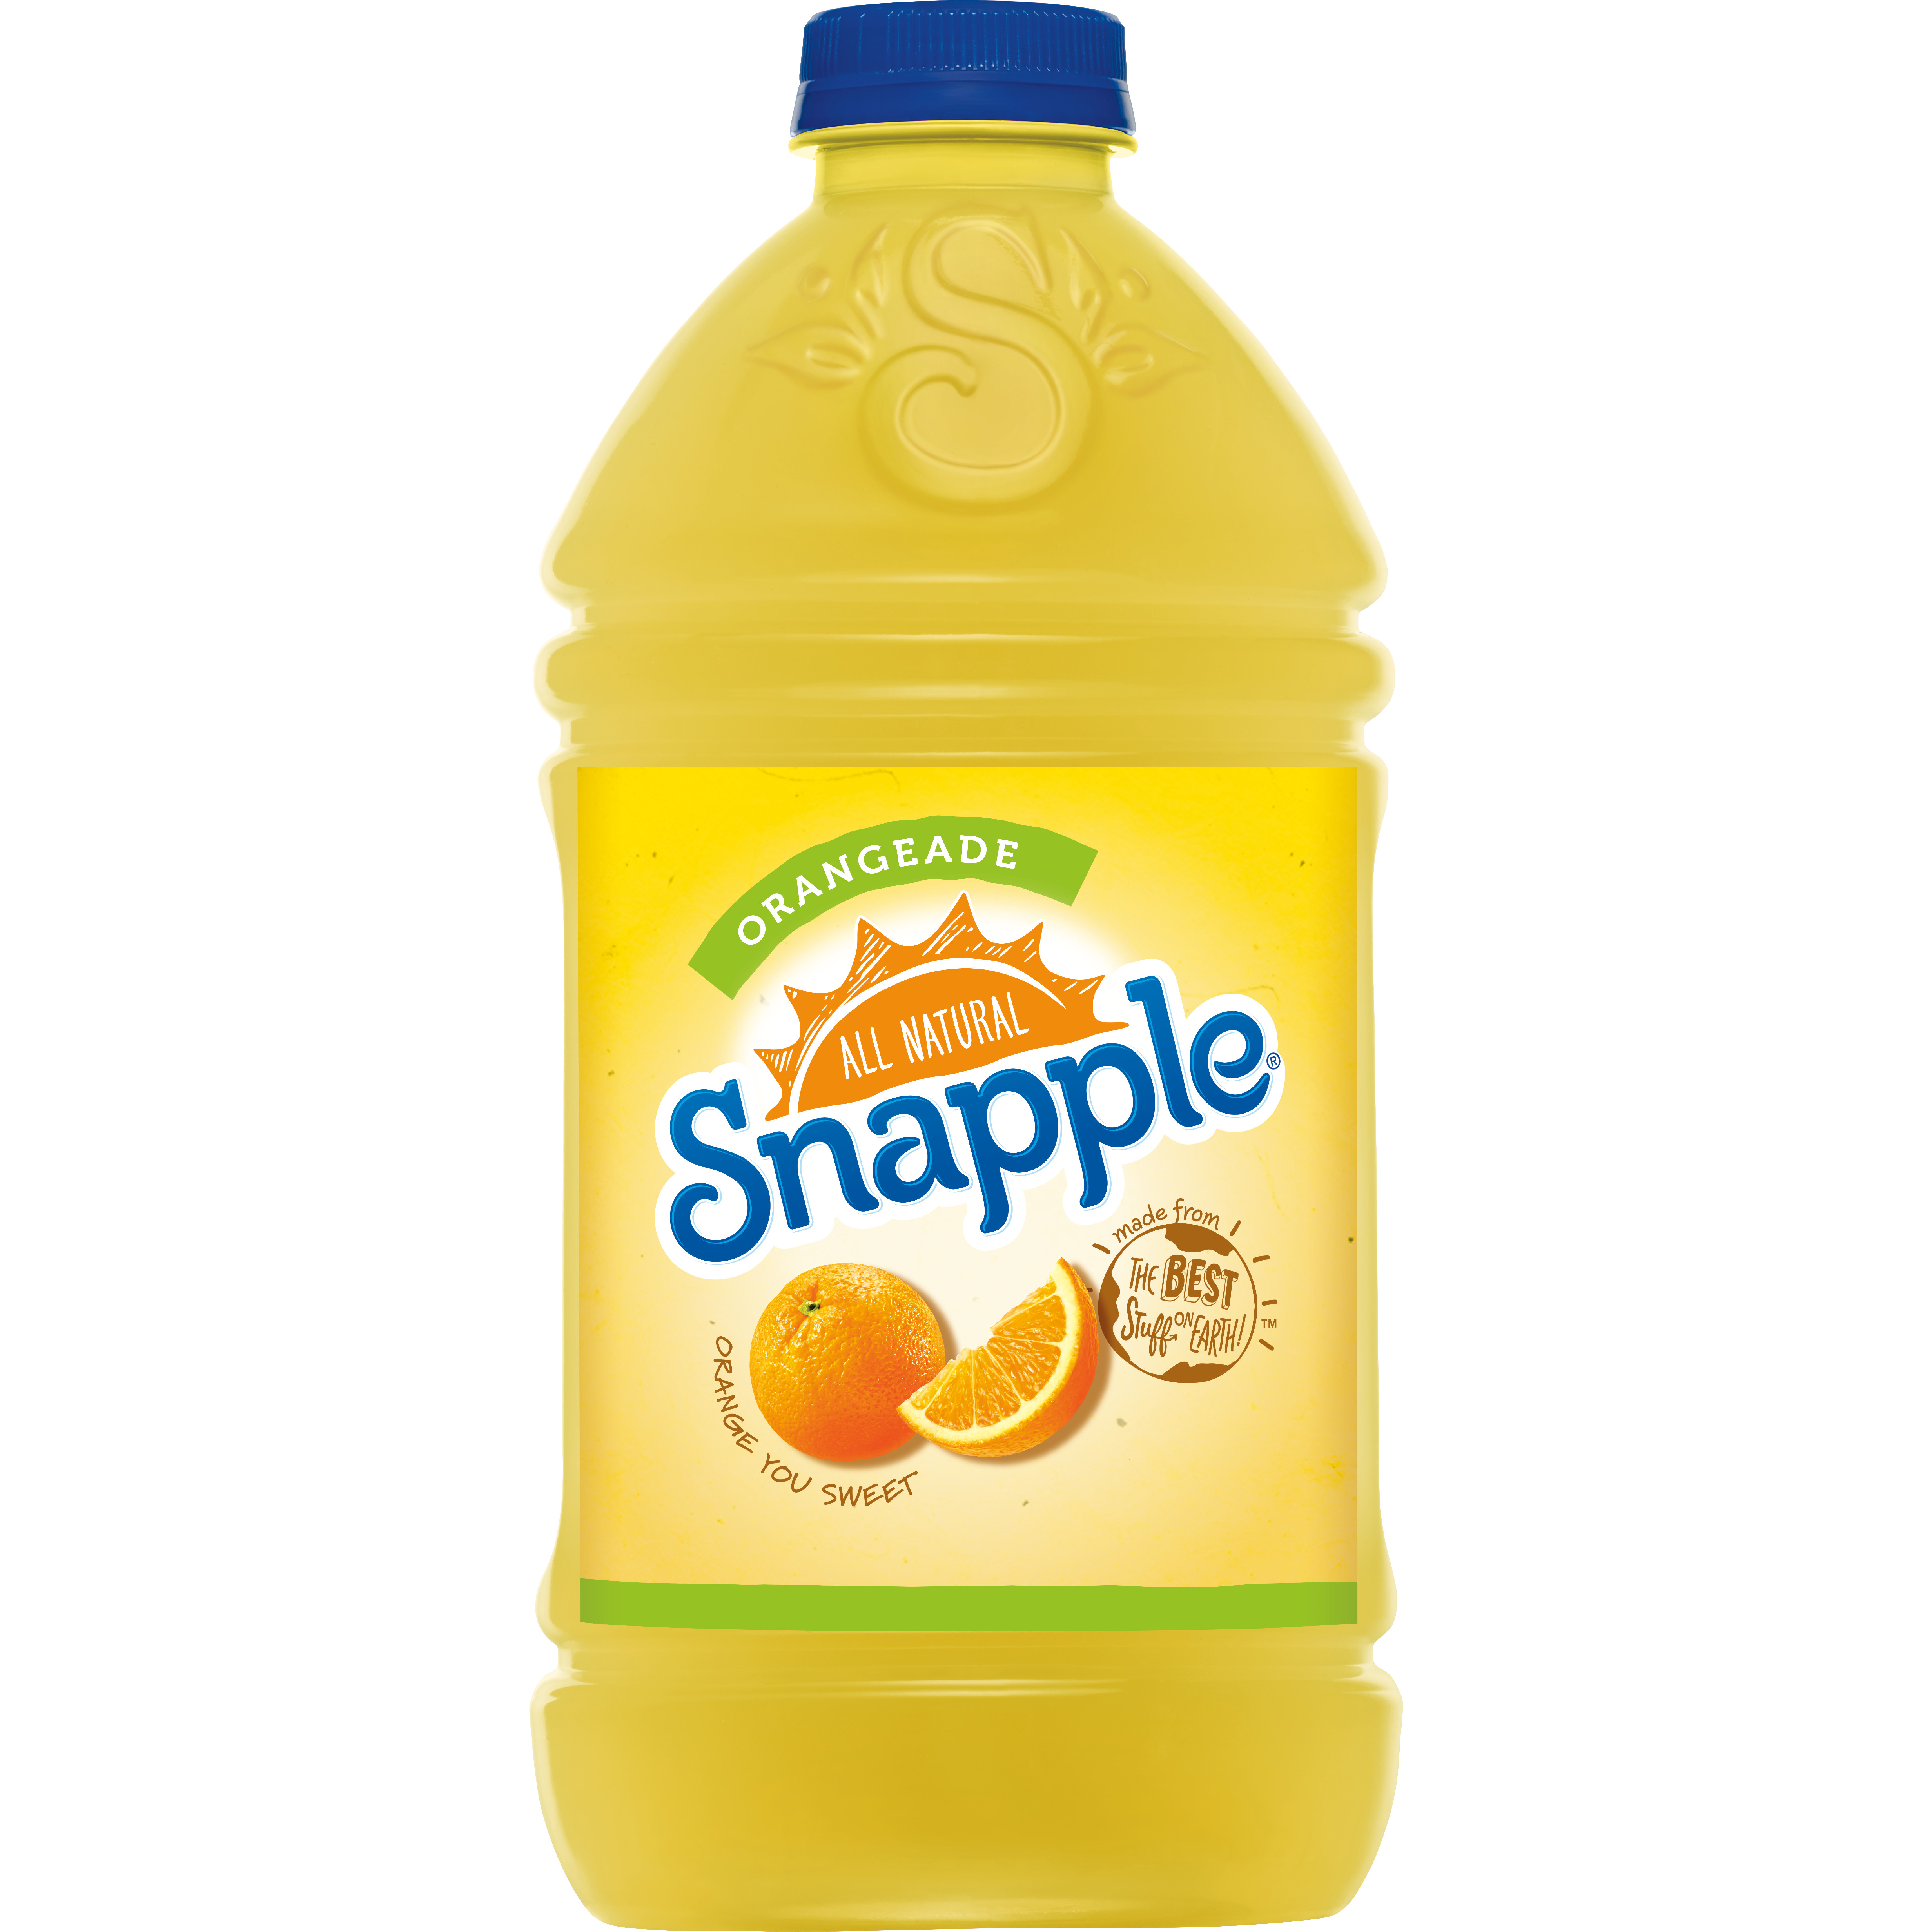 Snapple Orangeade, 64 fl oz